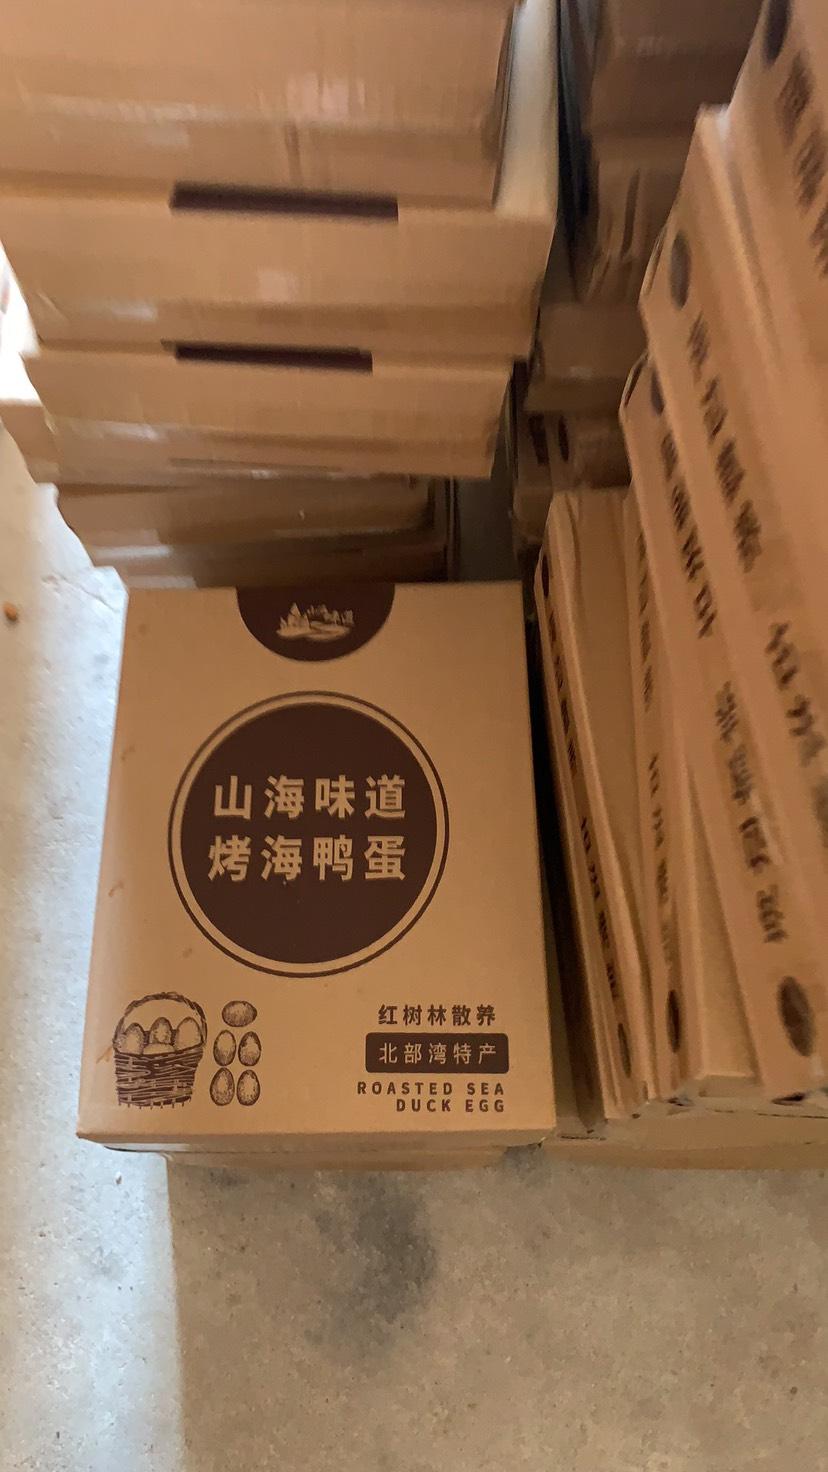 烤海鸭蛋 50克/60克/70克/80克 20枚劲爆价包邮